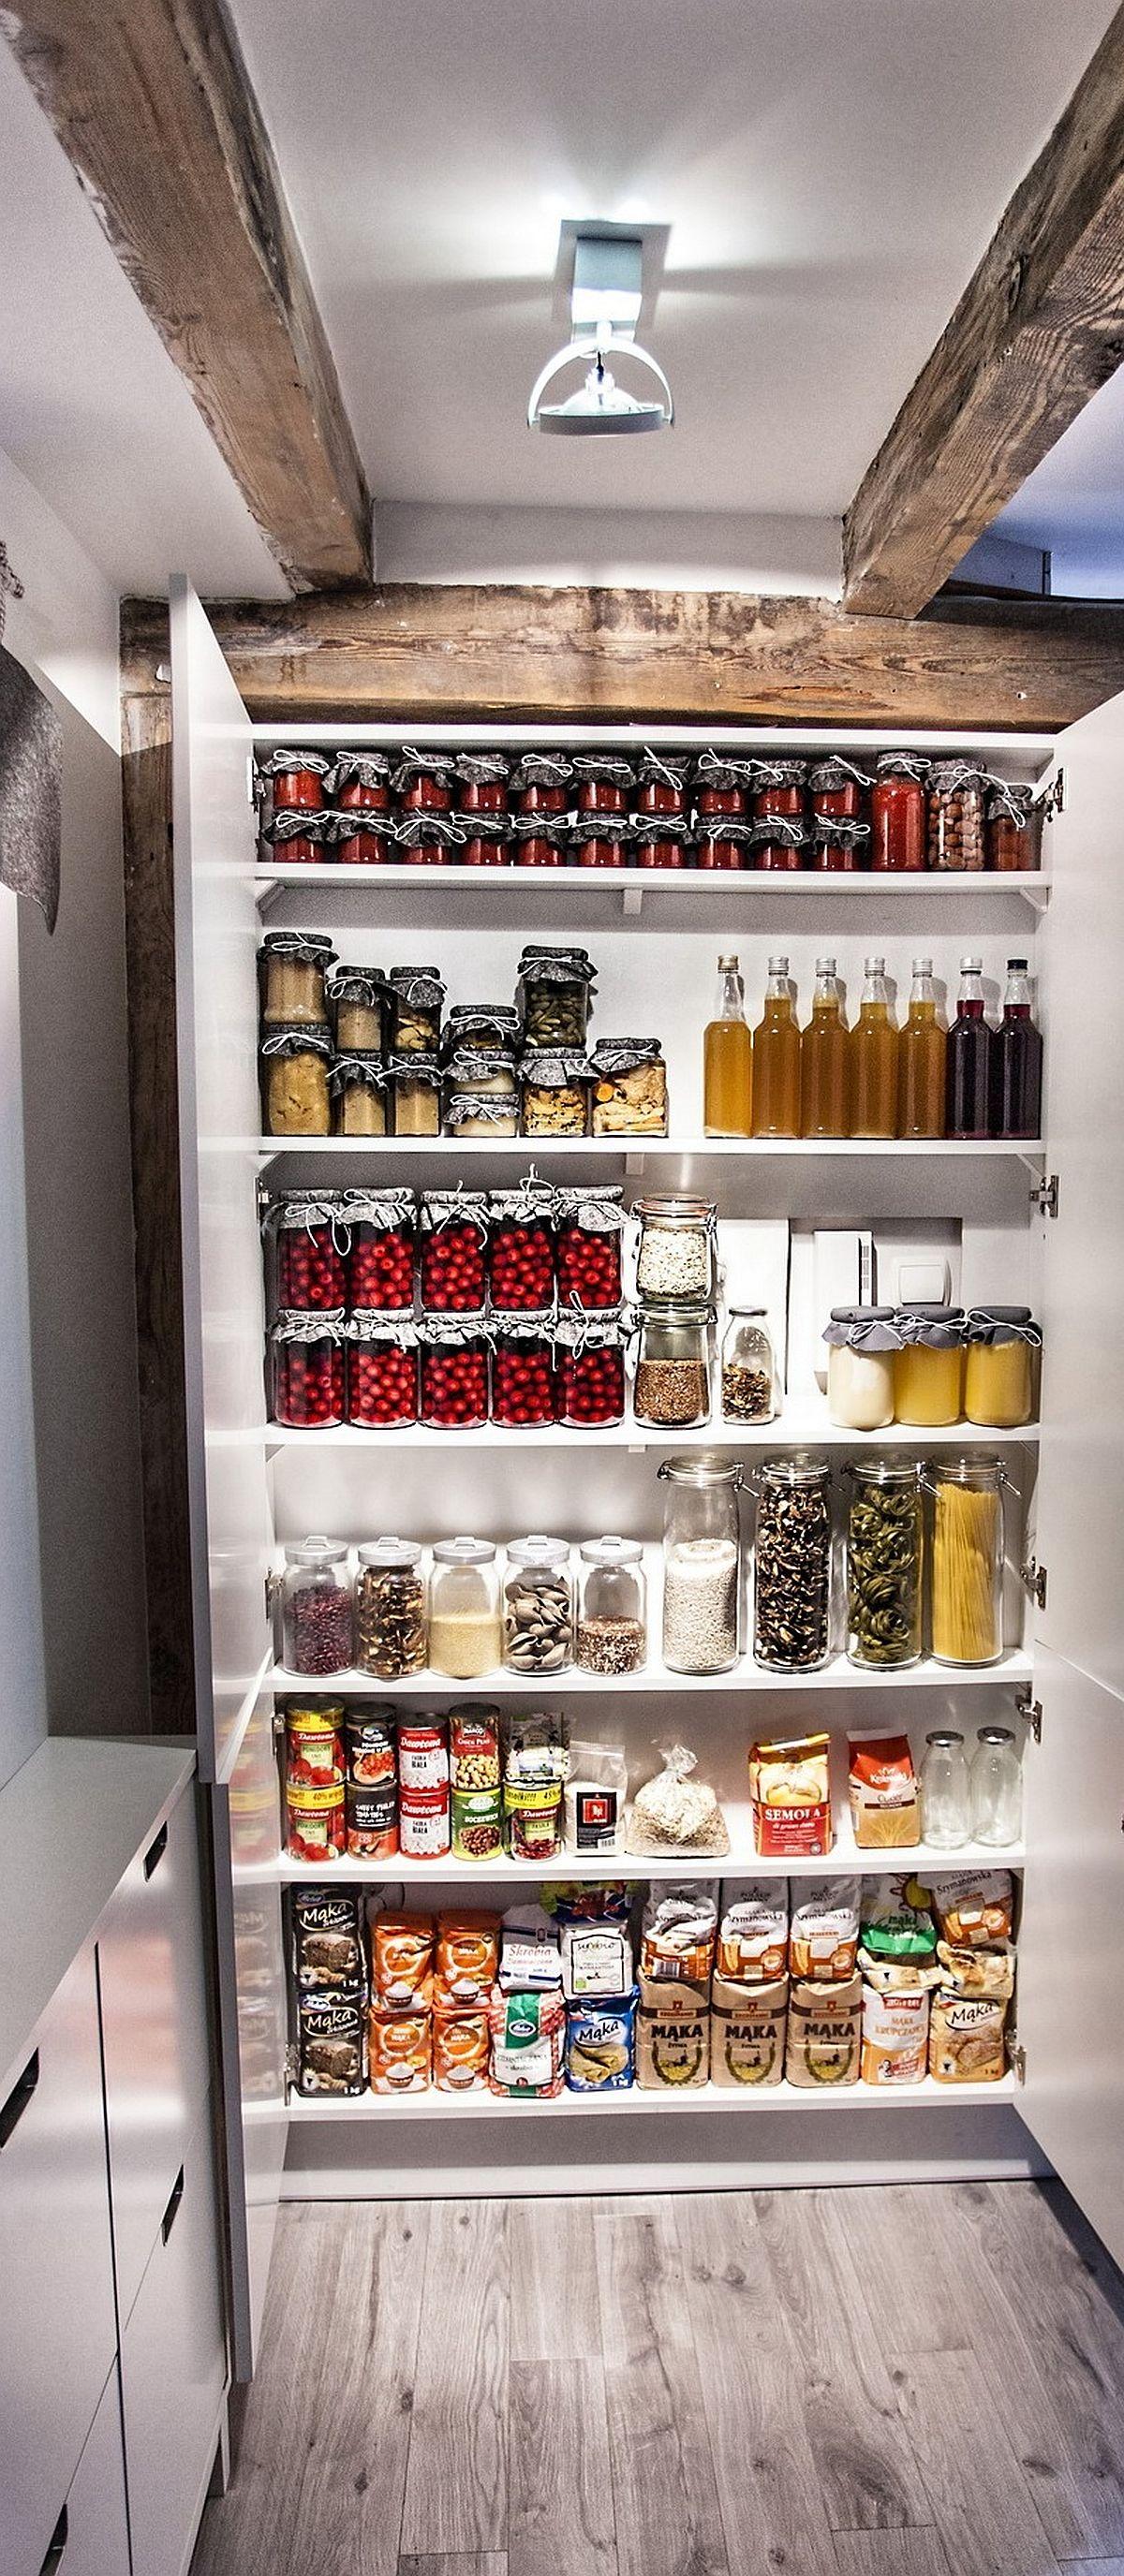 Proprietarii și-au dorit neapărat un loc de cămară, așa că acesta a fost configurat în holul de la intrare, dar aproape de bucătărie. Rafturile cu adâncime mică de circa 15 cm sunt folosite pentru borcane și alimente de bază.